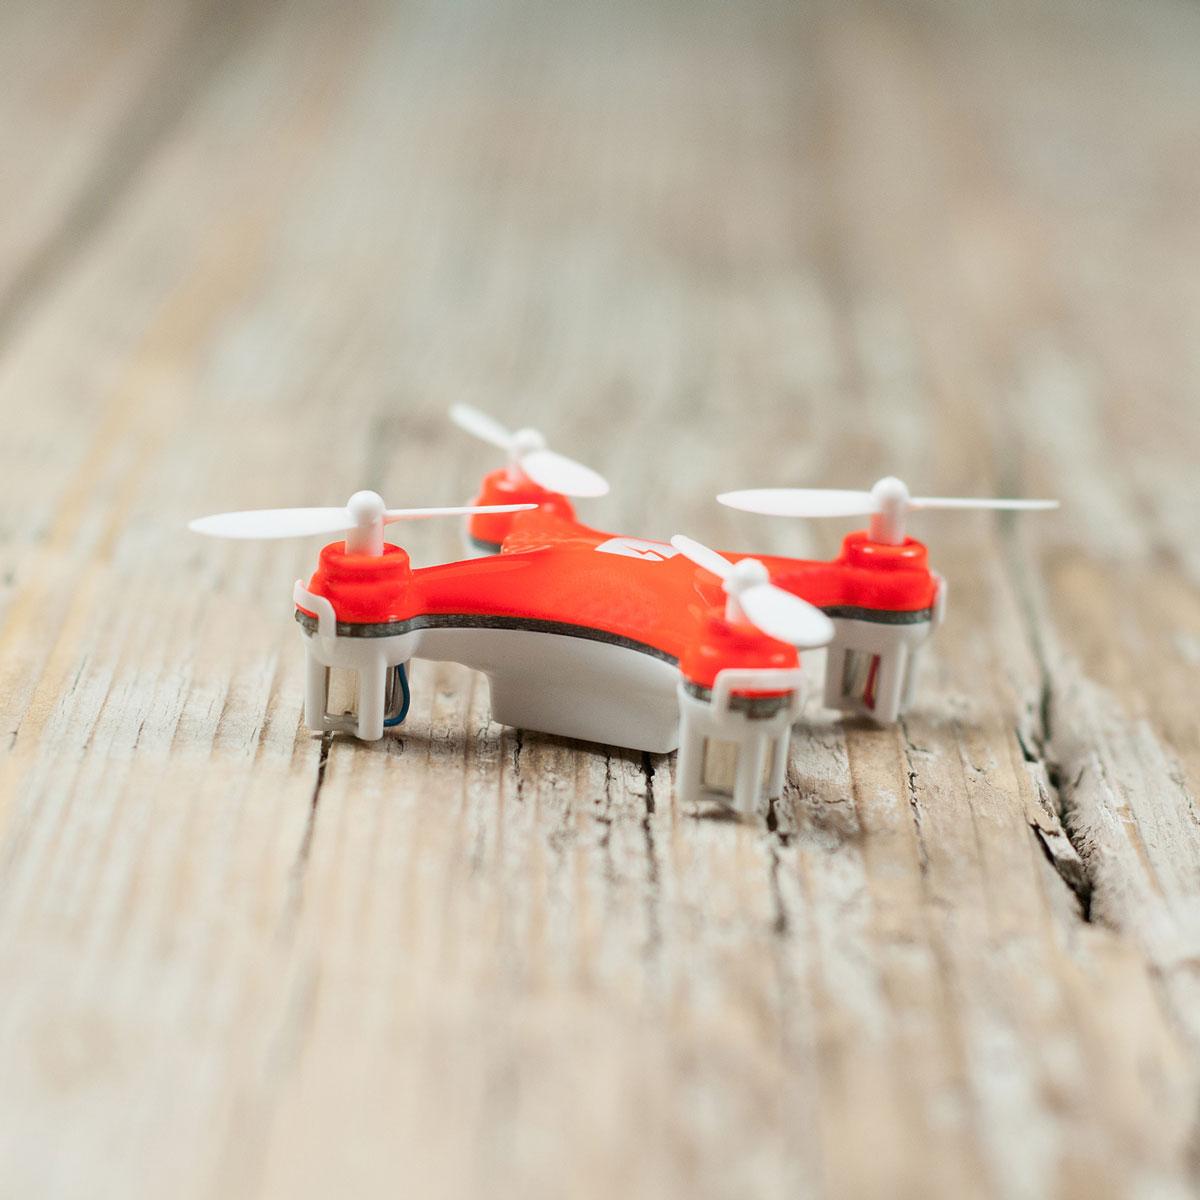 skeye-nano-drone-12